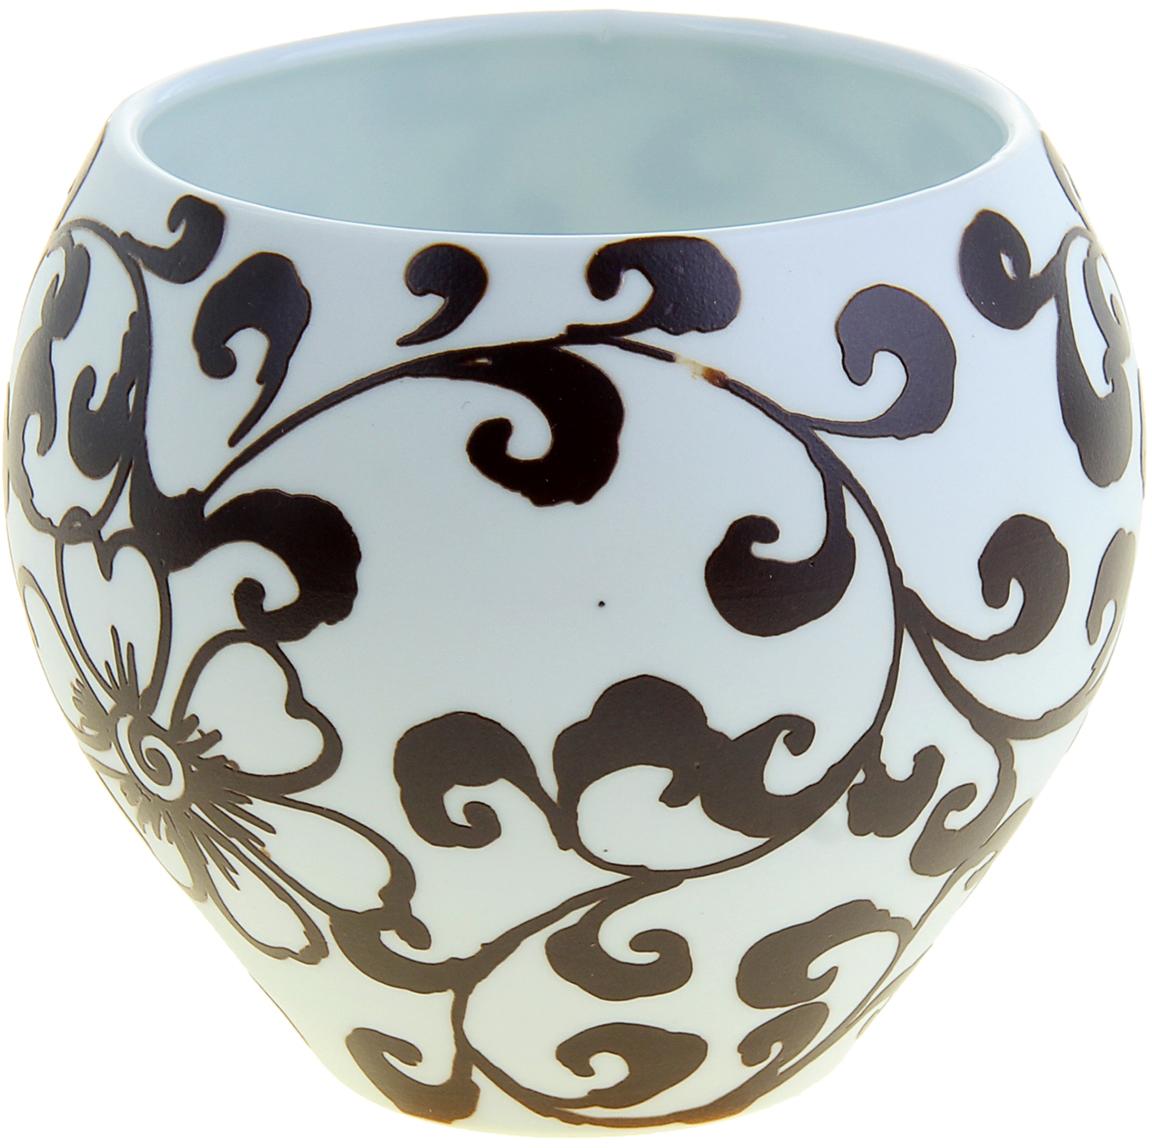 """Ваза """"Узор Флора"""" из высокопрочной керамики. Искусные ремесленники самостоятельно заготавливали смесь, форму, сушили, обжигали, а затем расписывали её особым «природным ажуром». Ваза """"Узор Флора"""" - истинное произведение искусства, которое достойно даже самого трепетного ценителя керамического искусства. Представьте, как изысканно эта красавица будет смотреться в интерьере любой комнаты, привлекая взгляды и улыбки восхищения. Преподнесите её даме на 8 Марта, День рождения или любой другой праздник."""